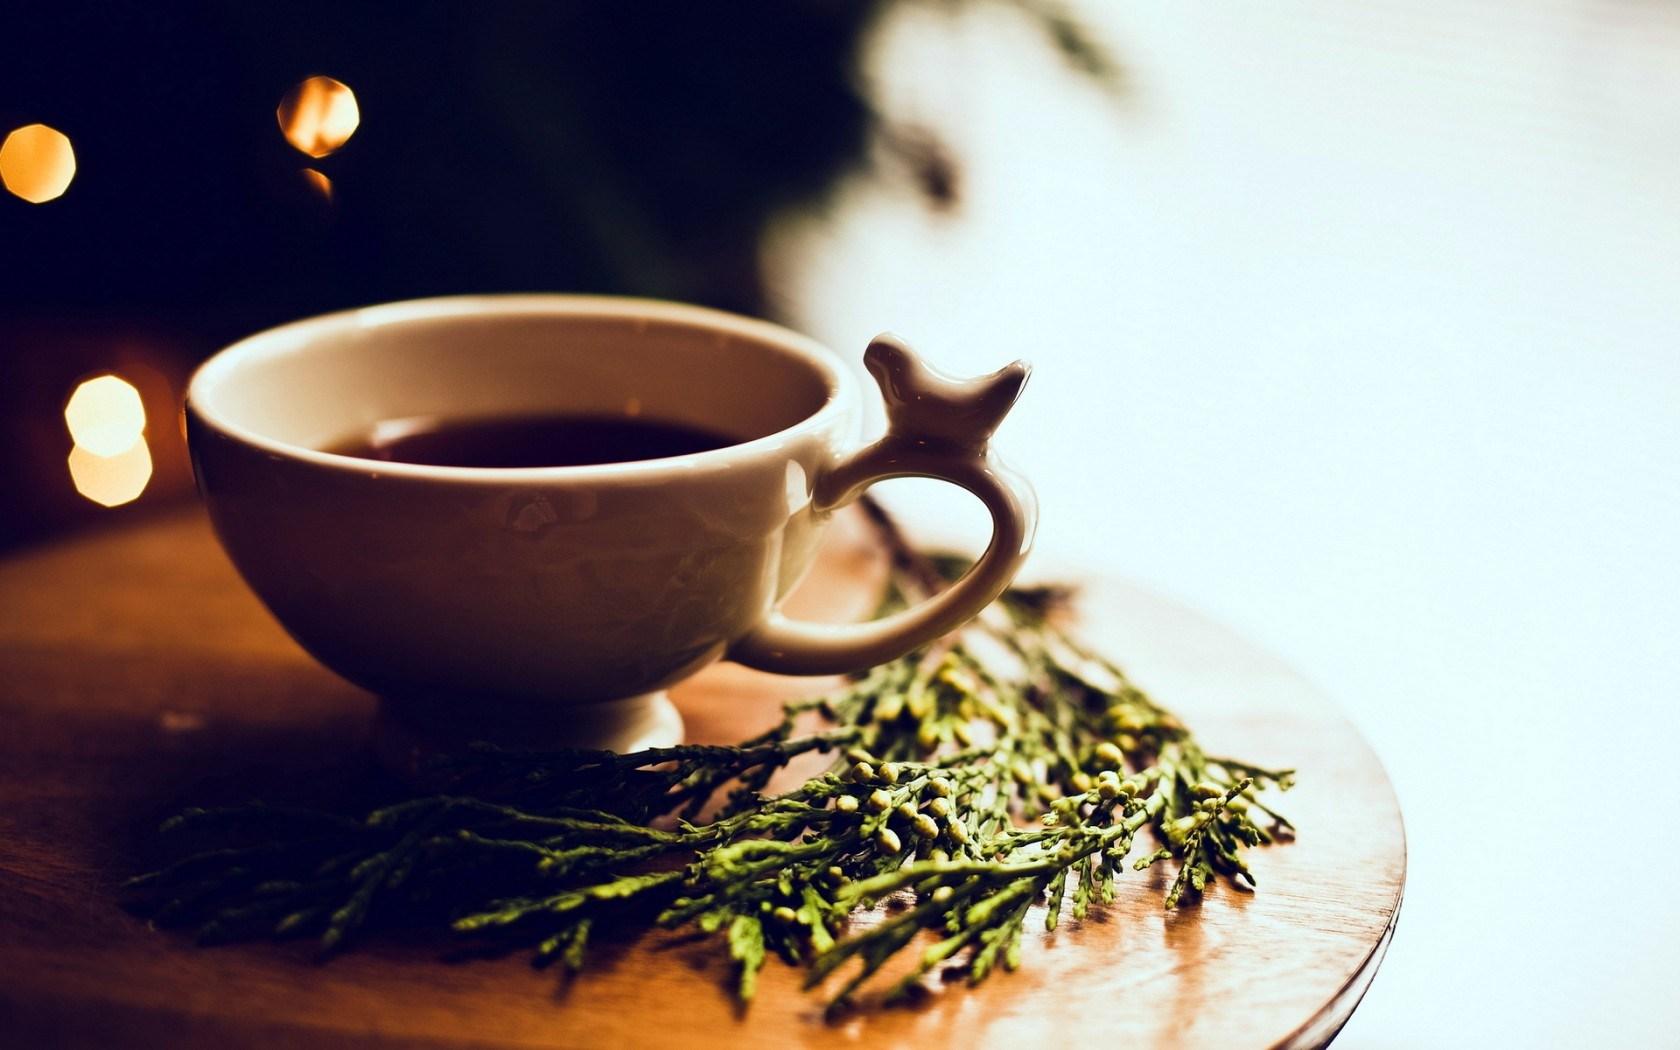 Free Tea Cup Wallpaper